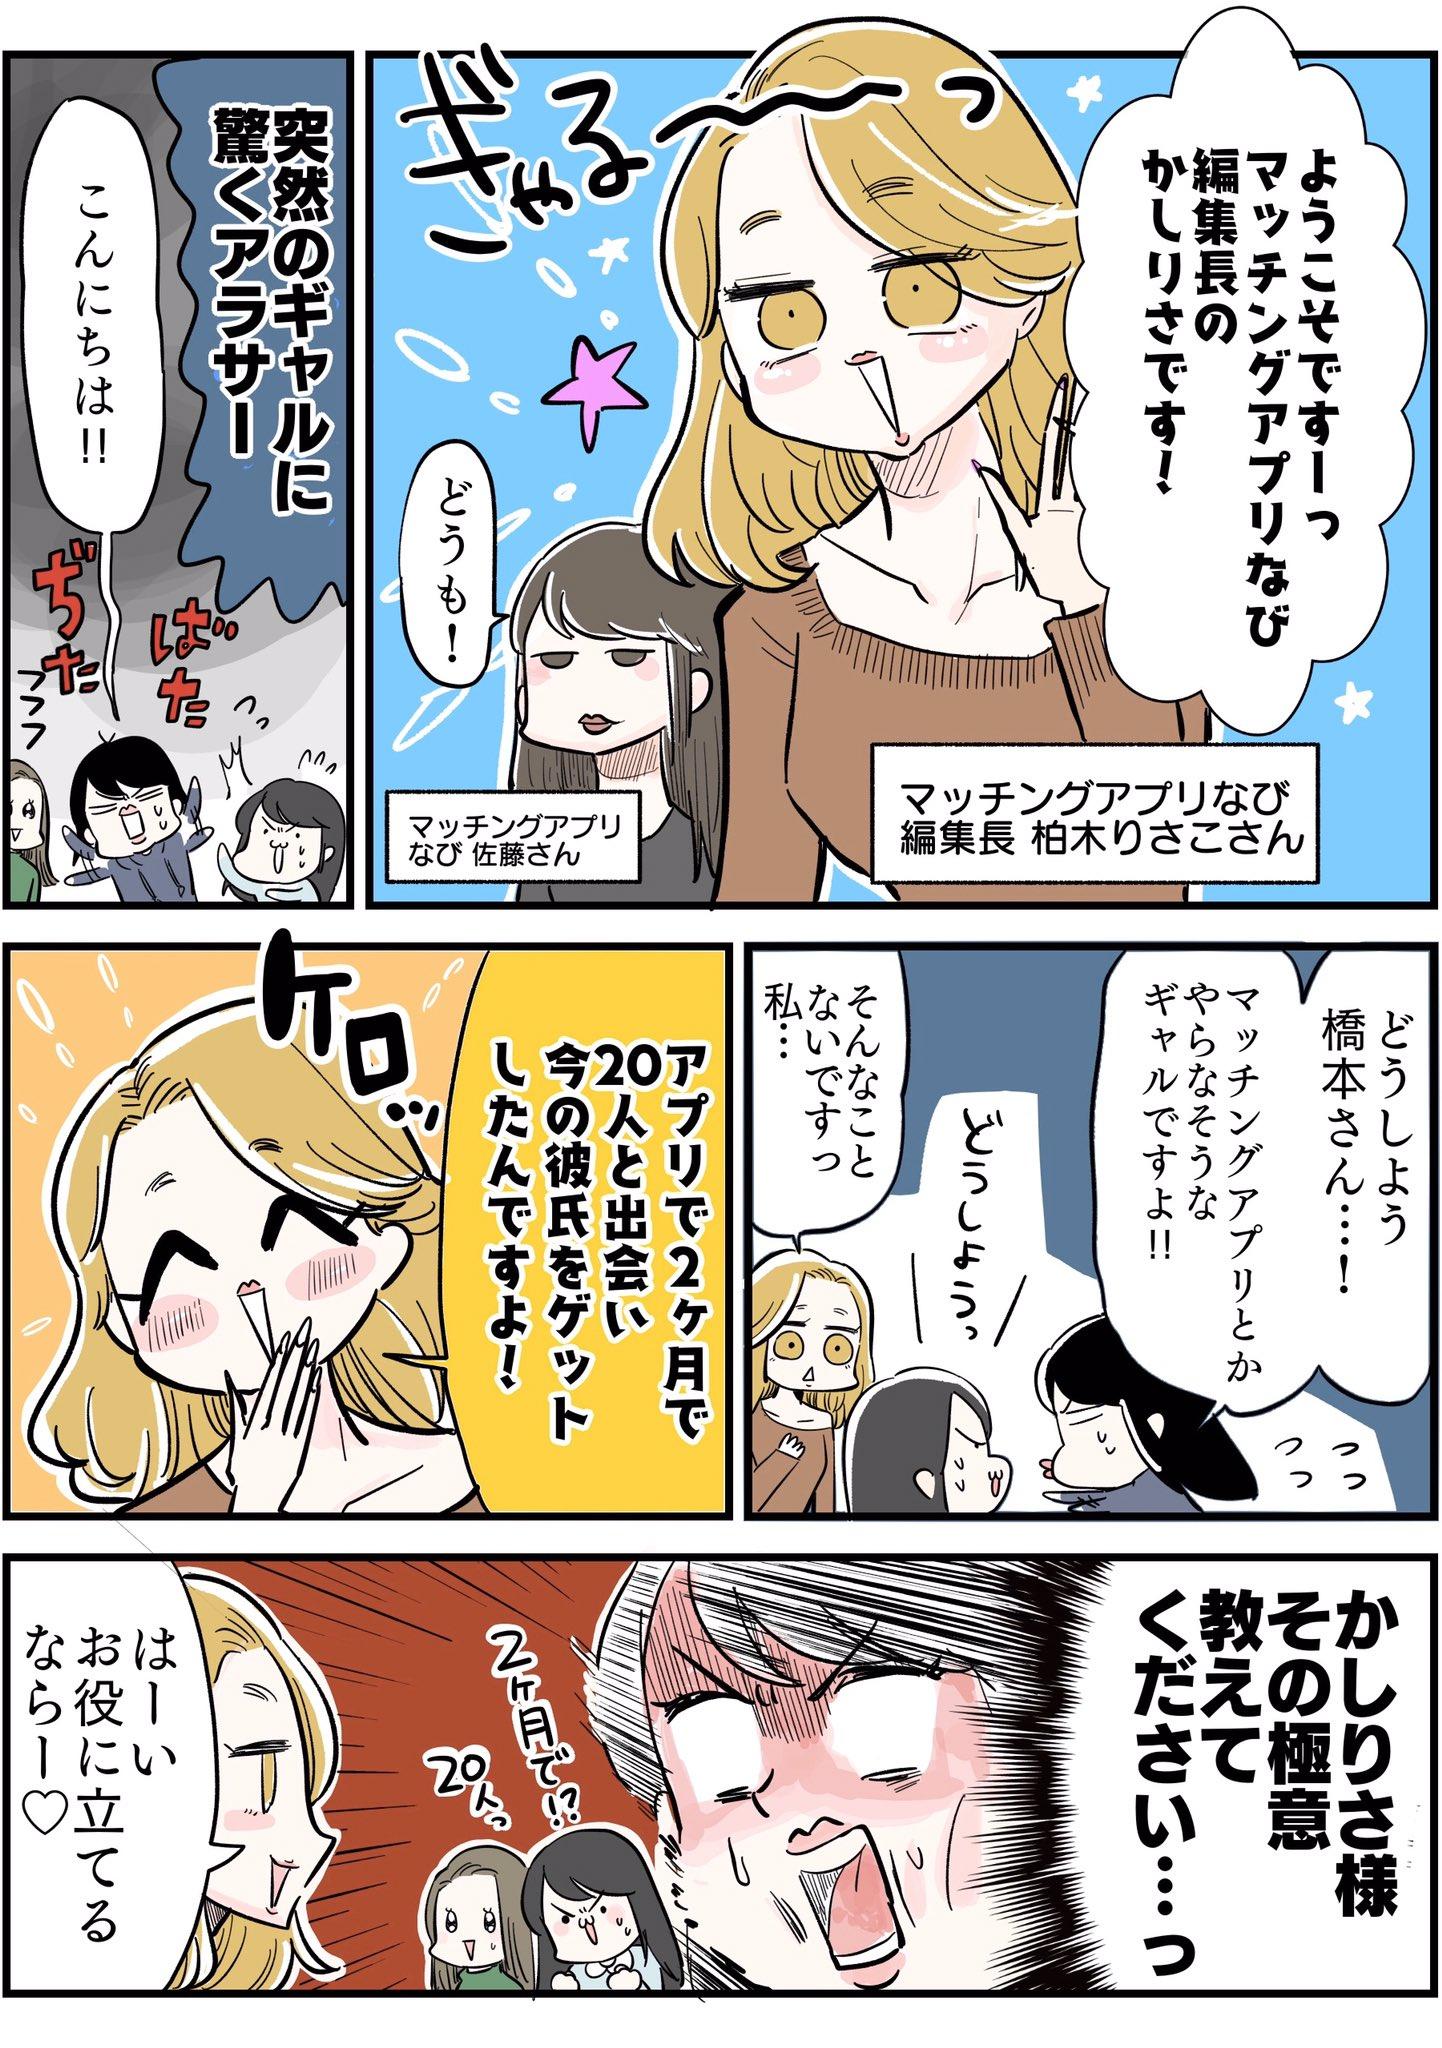 マッチングアプリなび あんじゅ先生 取材漫画2